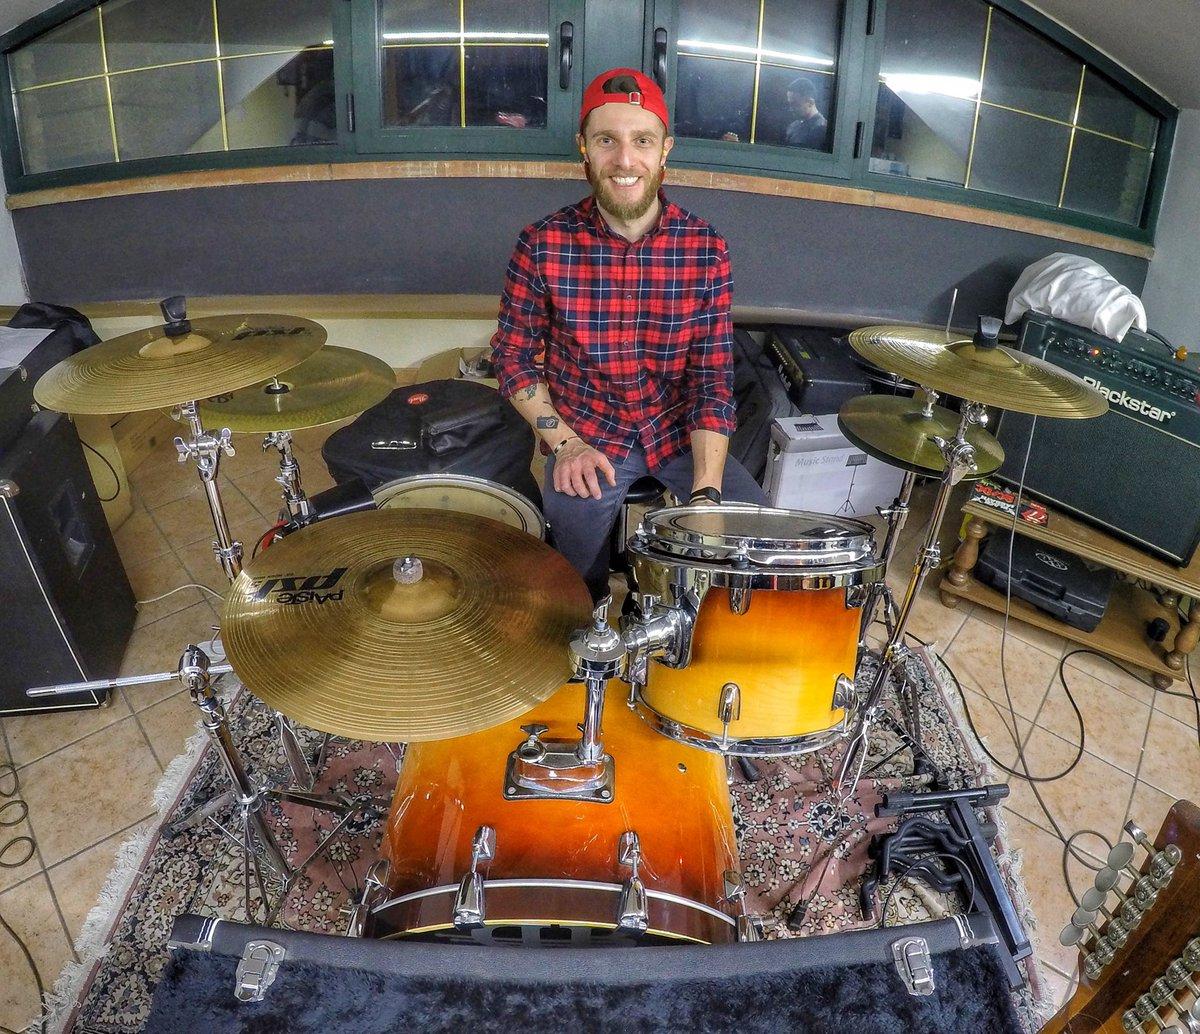 Tra un po' inizieró a fare DrumTuber  . #goprooftheday #drummers #drumline #drumcode #drumlife #drumporn #drumsticks #drummerboy #drummerlife #musiclove #musictime #musicblog #nightshot #rockphotography #rockshow #rockstyle #rockon #rocking #rockin #musicphoto #musicpornpic.twitter.com/szCvrYvczU